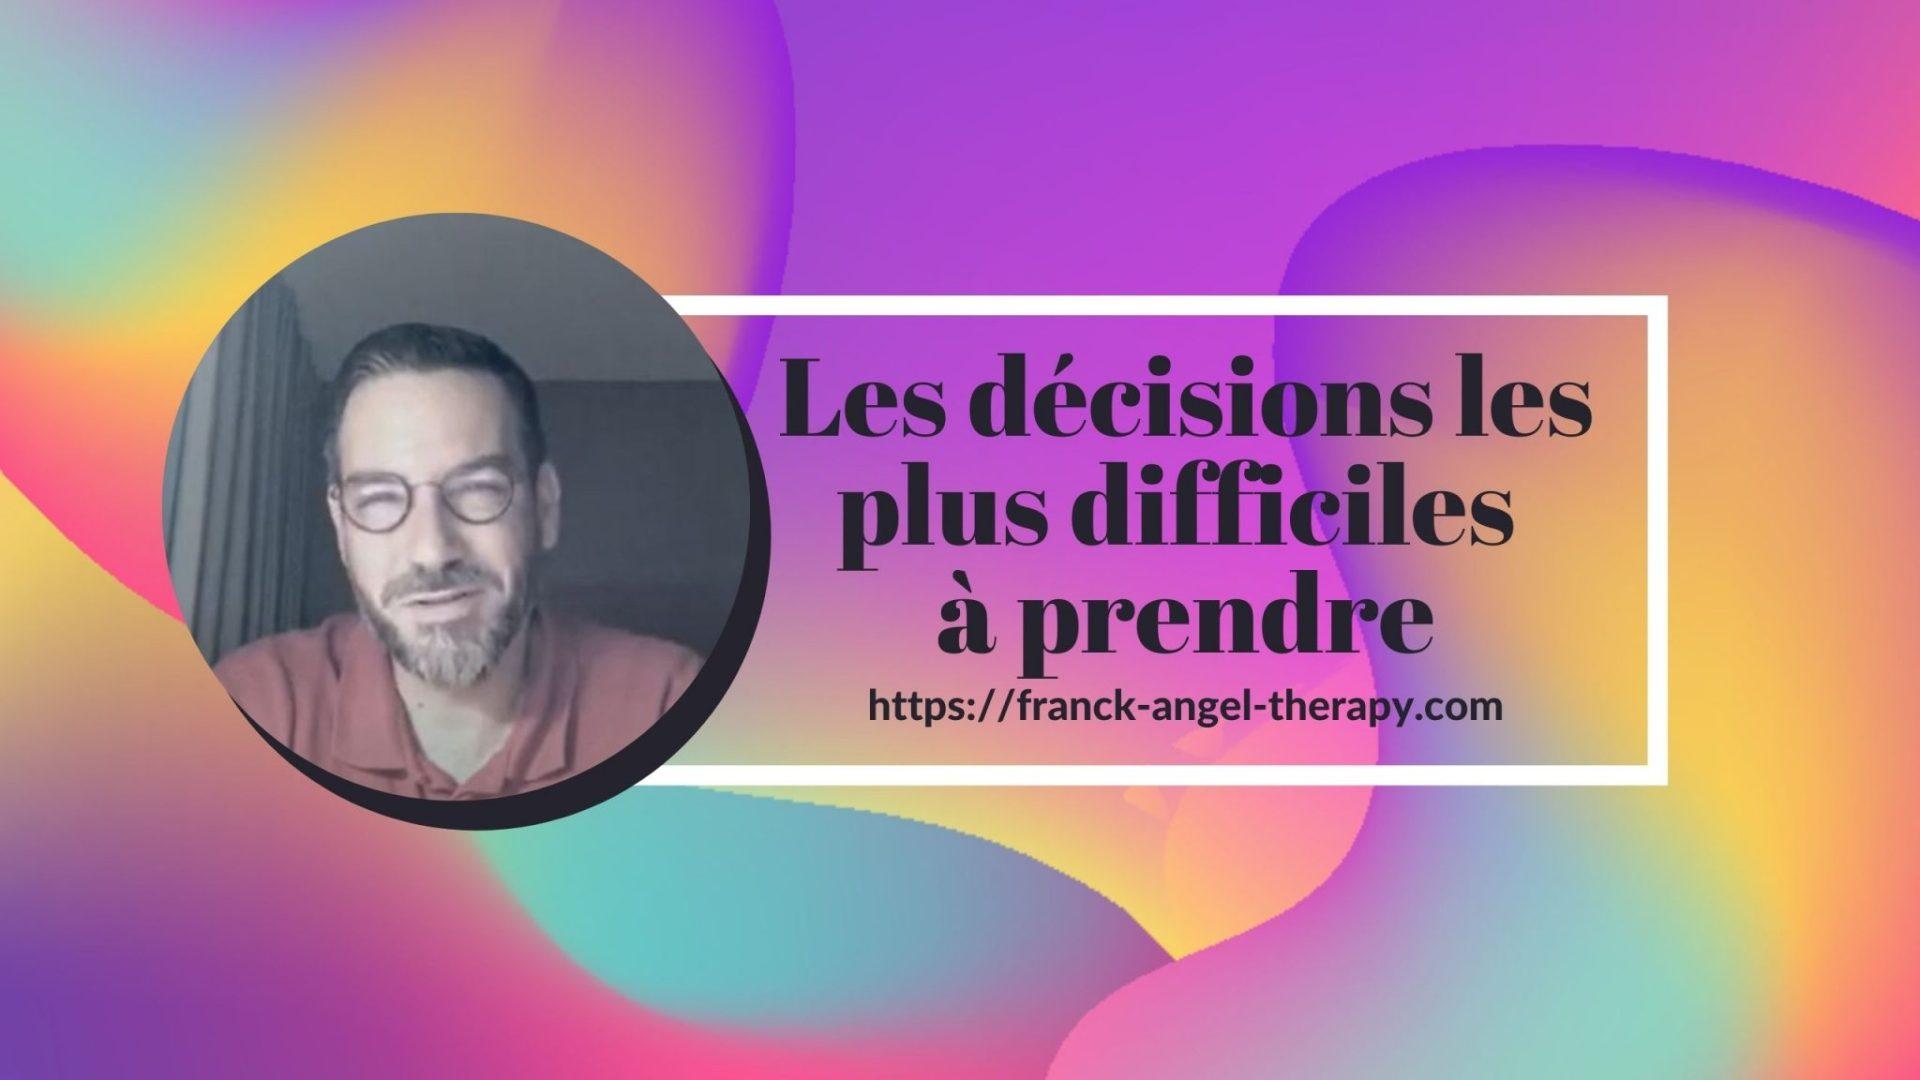 Les décisions les plus difficiles à prendre